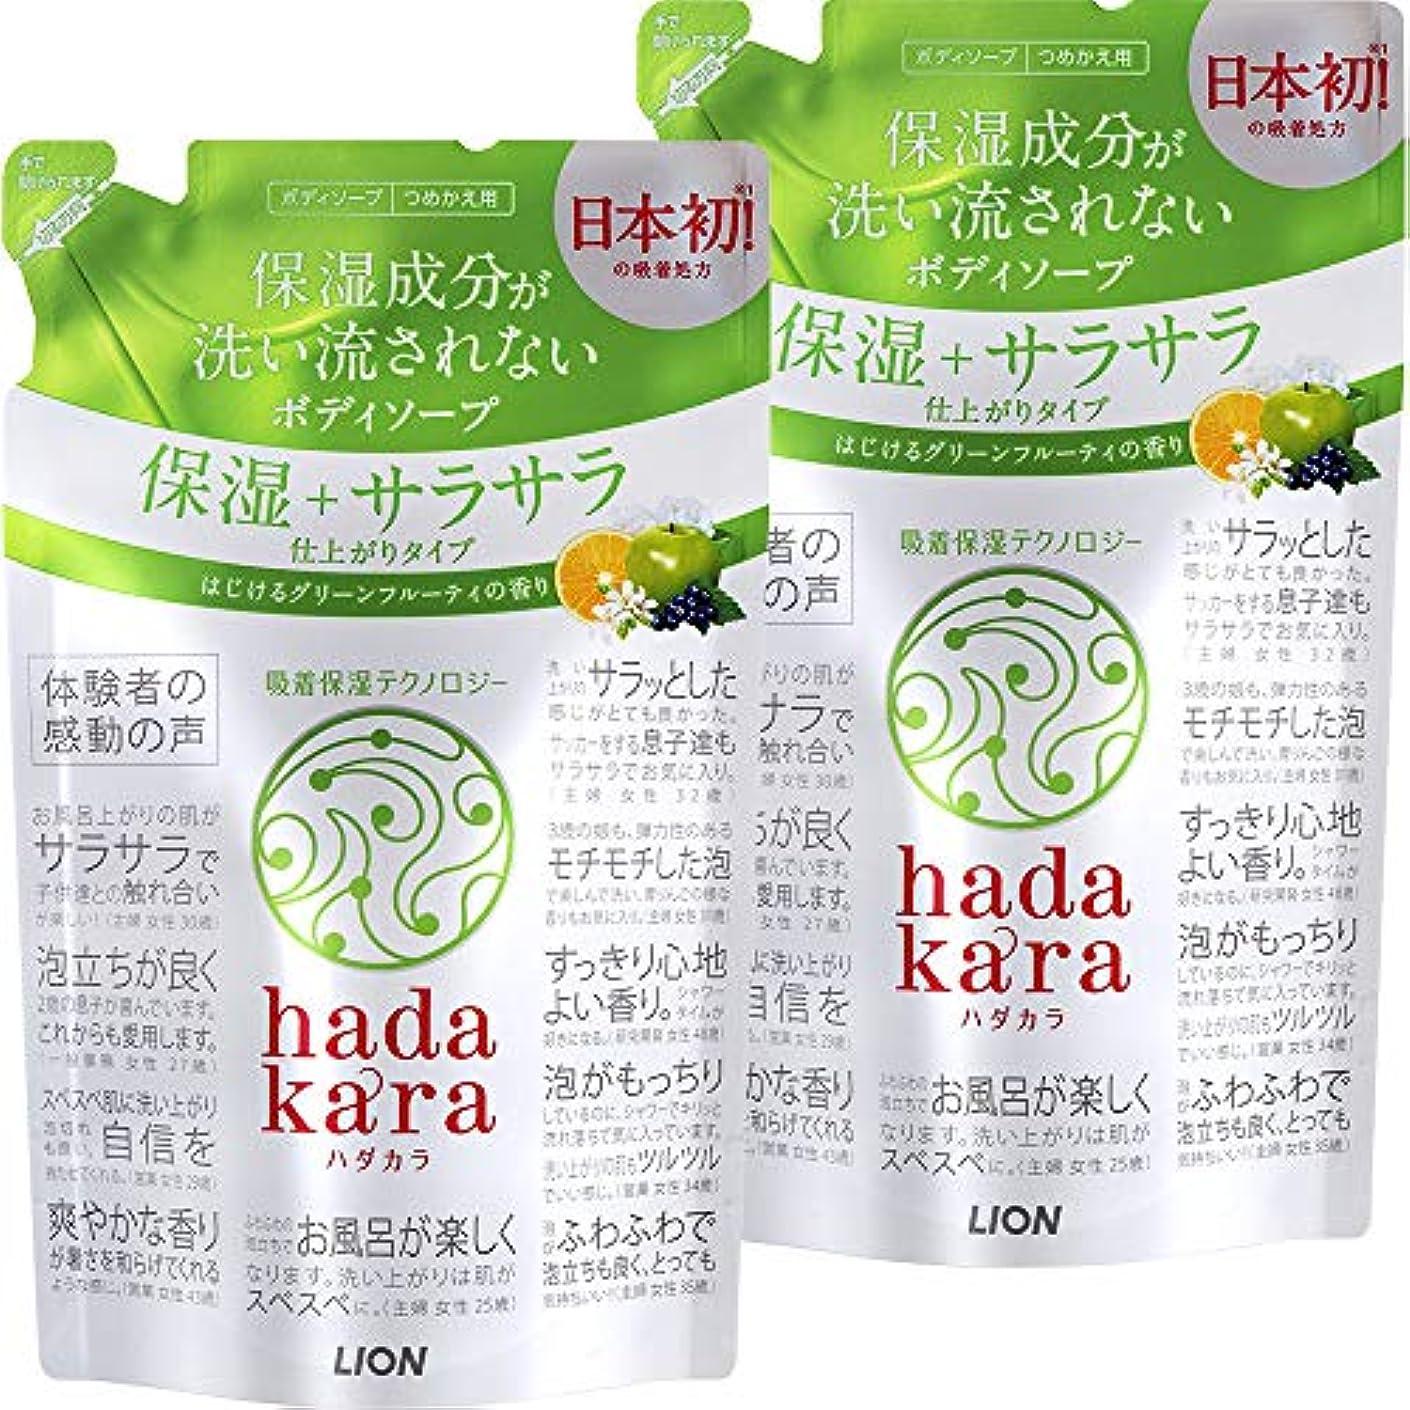 赤ふりをする認証【まとめ買い】hadakara(ハダカラ) ボディソープ 保湿+サラサラ仕上がりタイプ グリーンフルーティの香り 詰め替え 340ml×2個パック